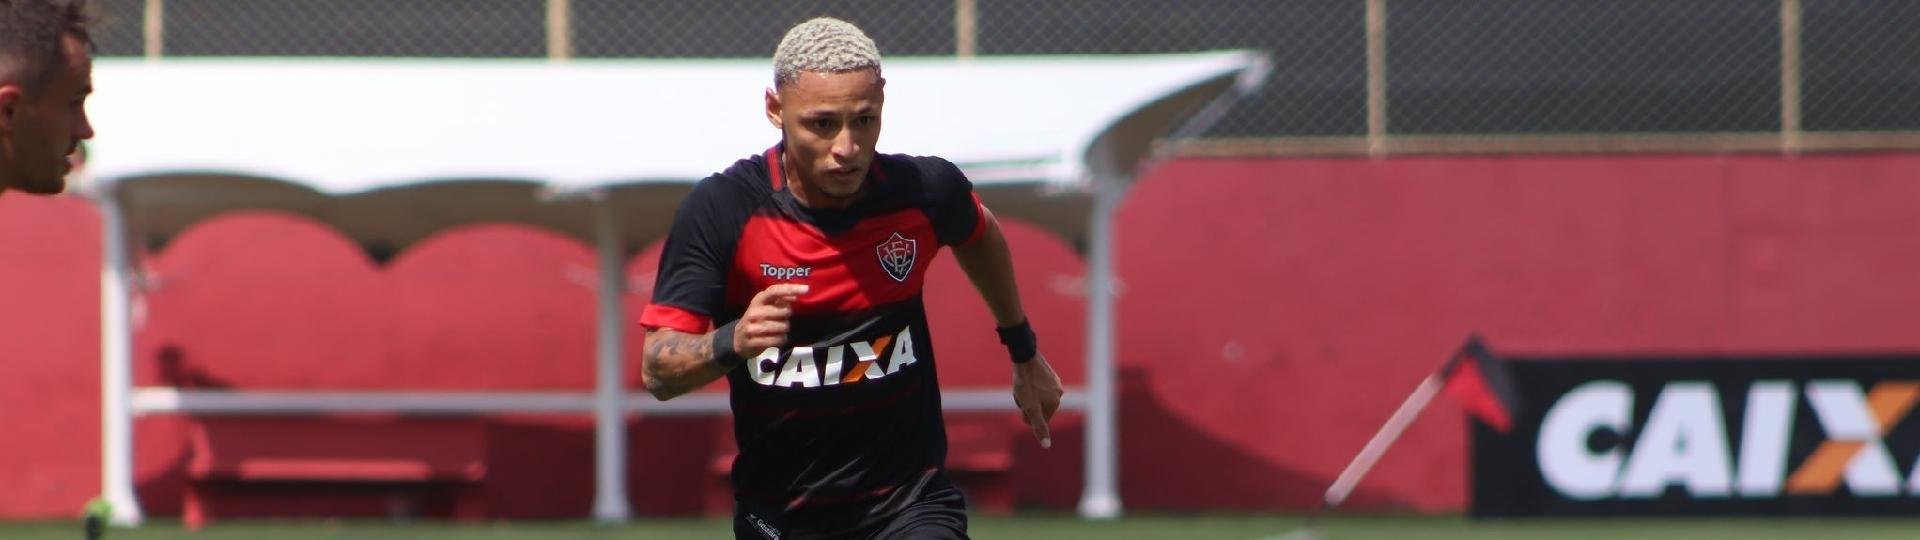 Neílton domina a bola para o Vitória contra o Ceará